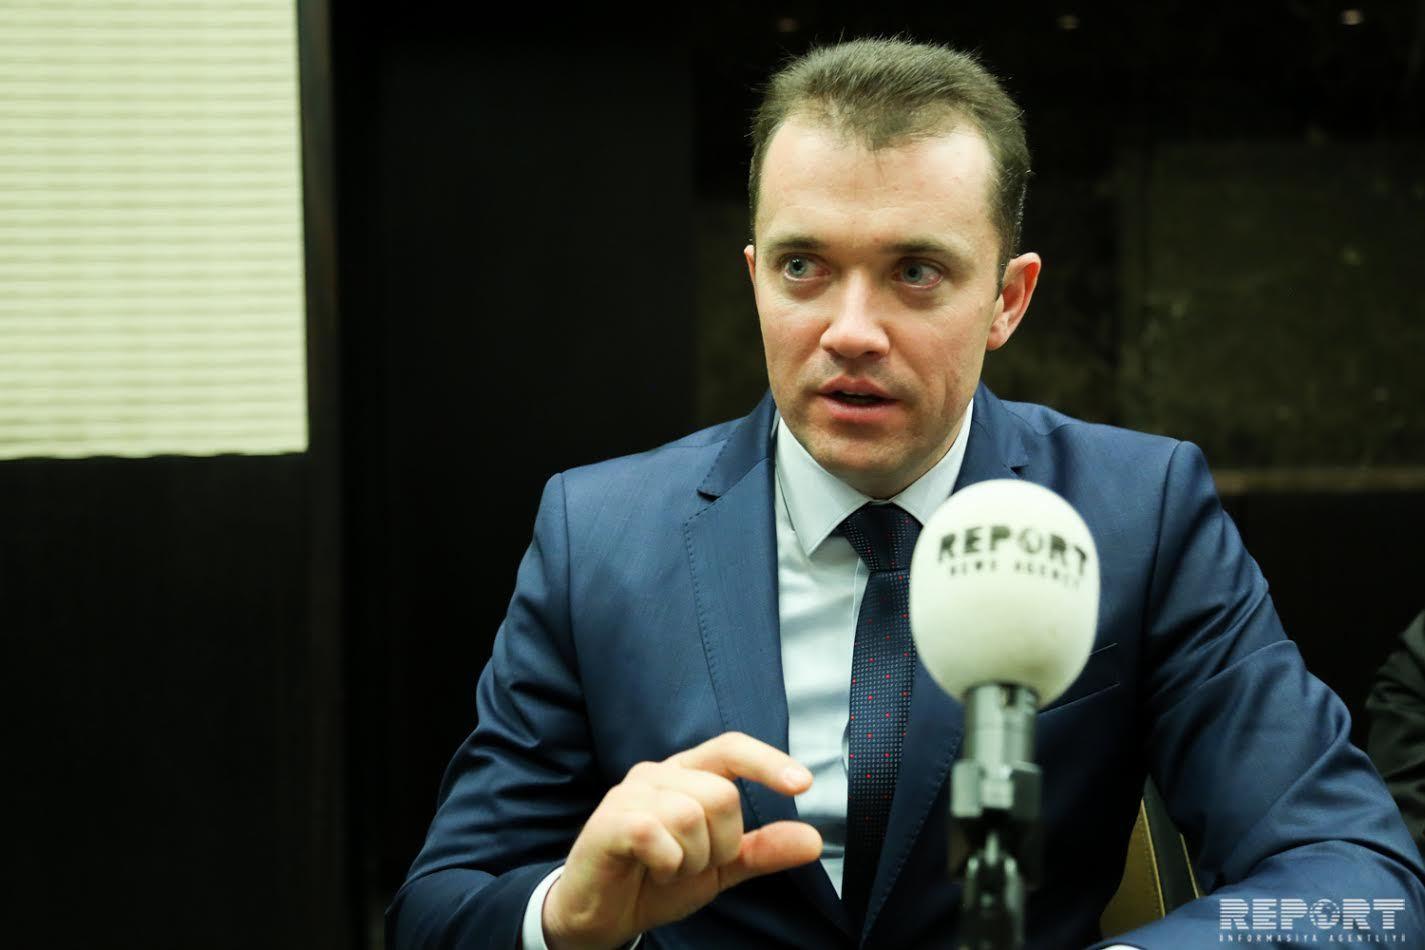 Региональный менеджер: В Азербайджане общий объем торговых операций с картой Visa вырос на 37%